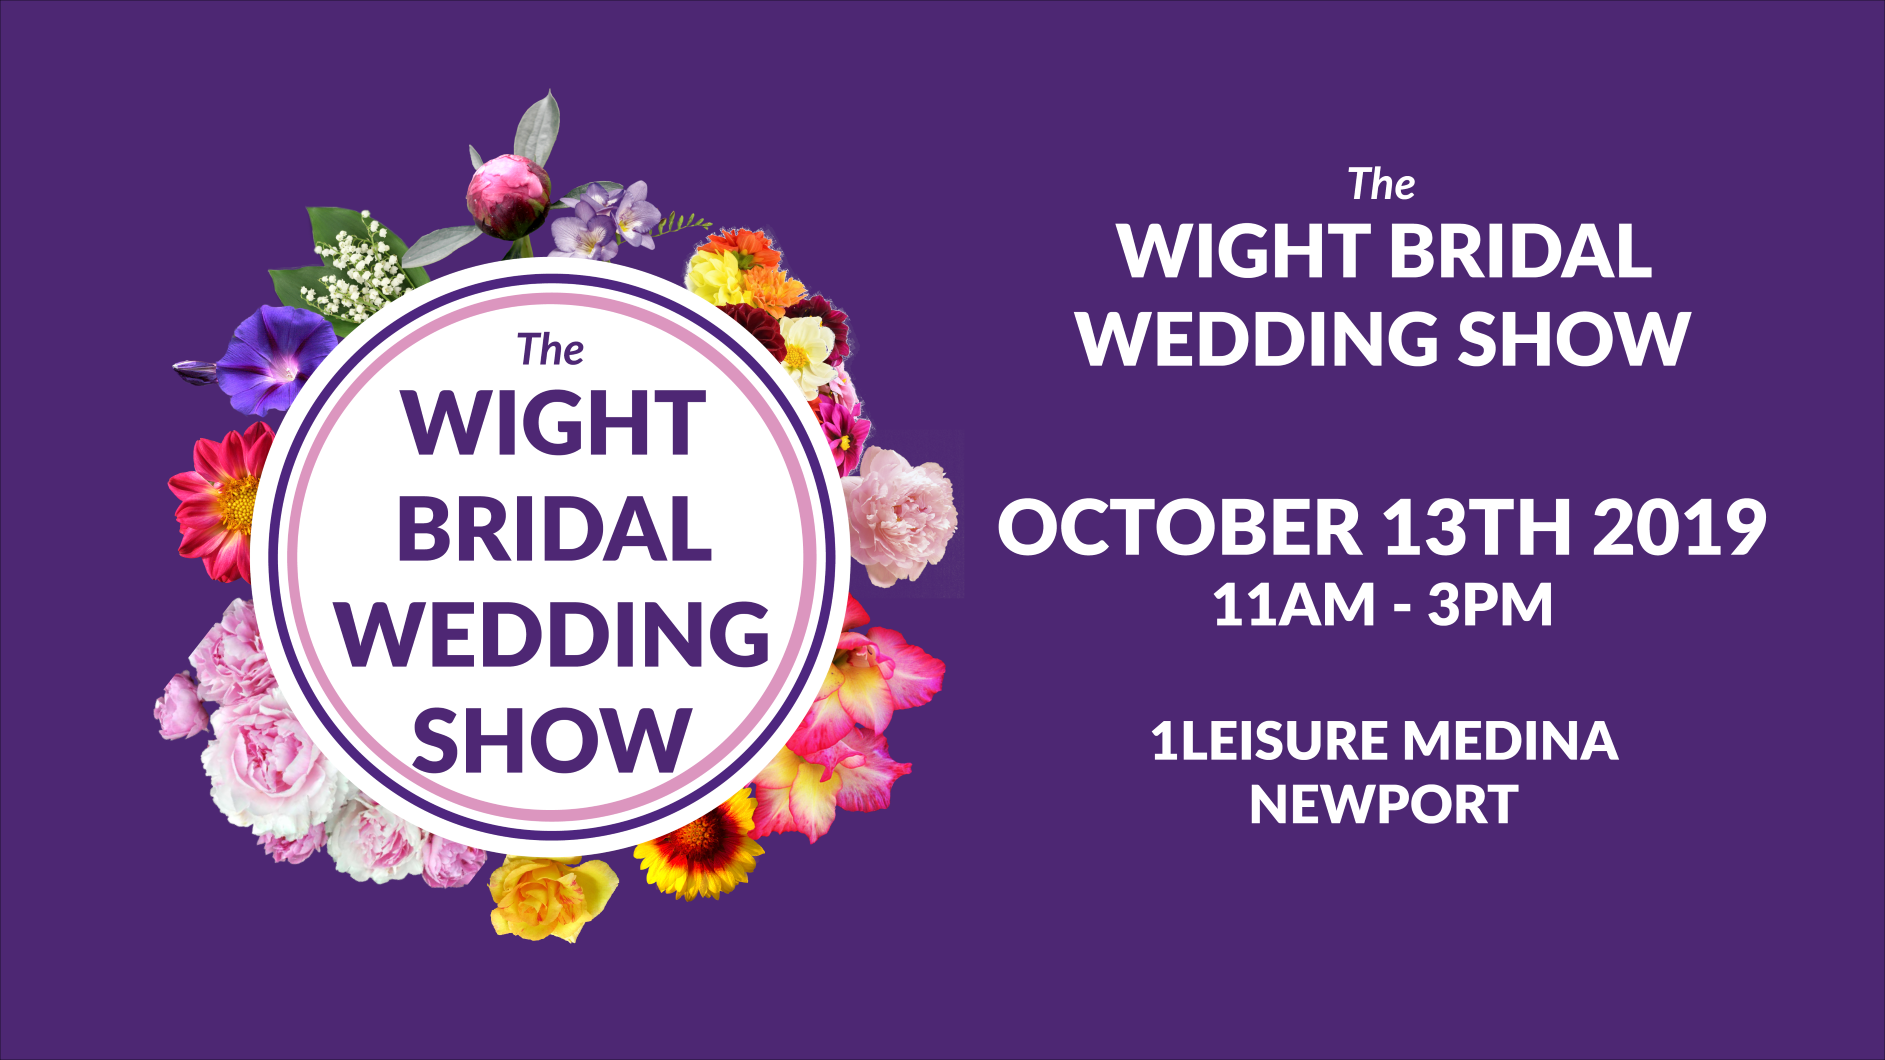 Wight Bridal Wedding Show